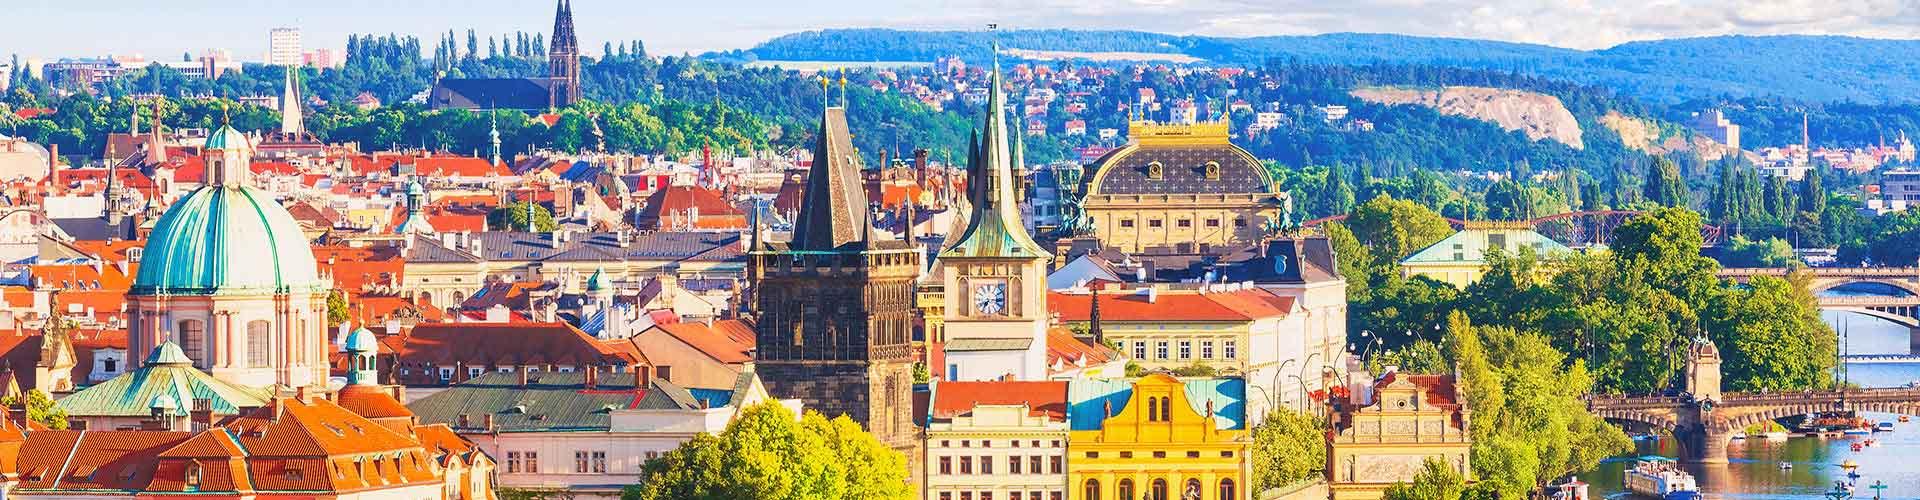 Praga - Habitaciones en Praga. Mapas de Praga, Fotos y Comentarios para cada habitación en Praga.